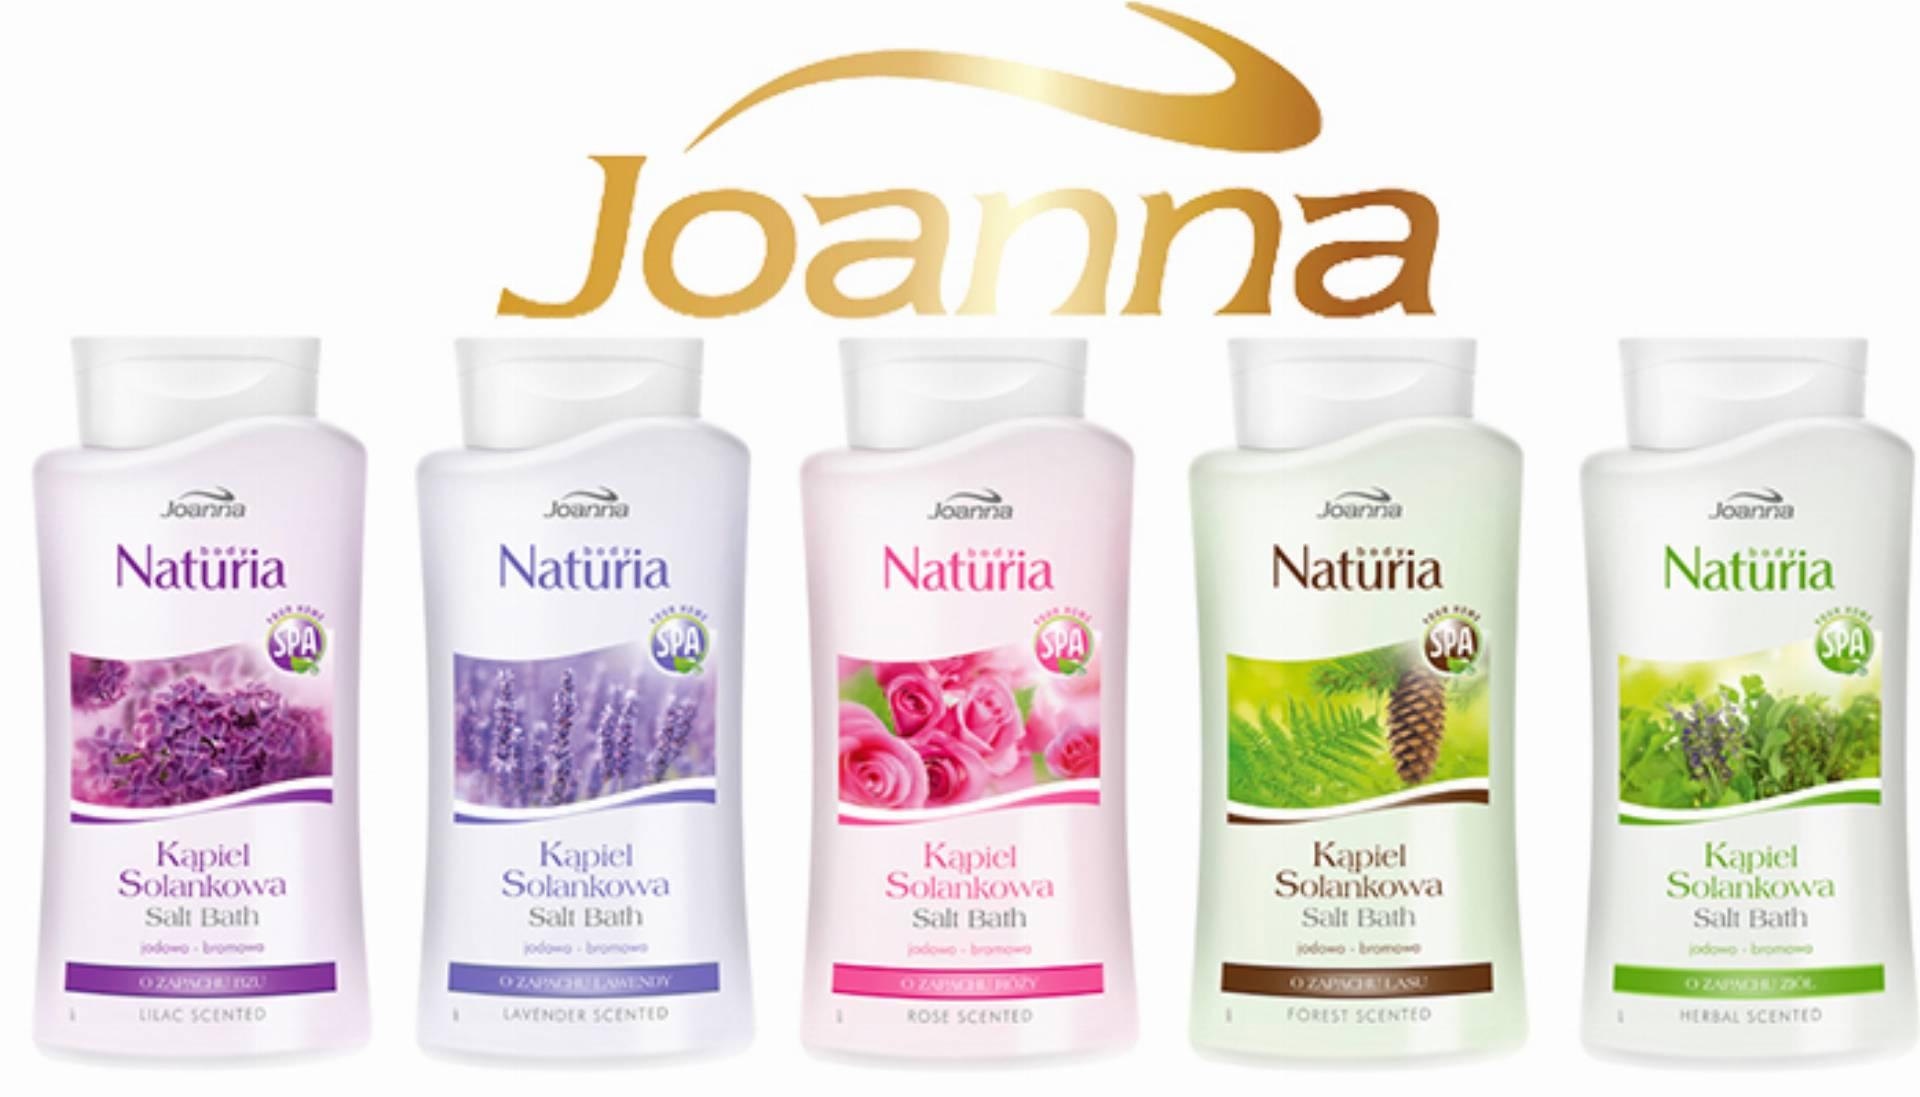 Joanna w wannie - 1 1